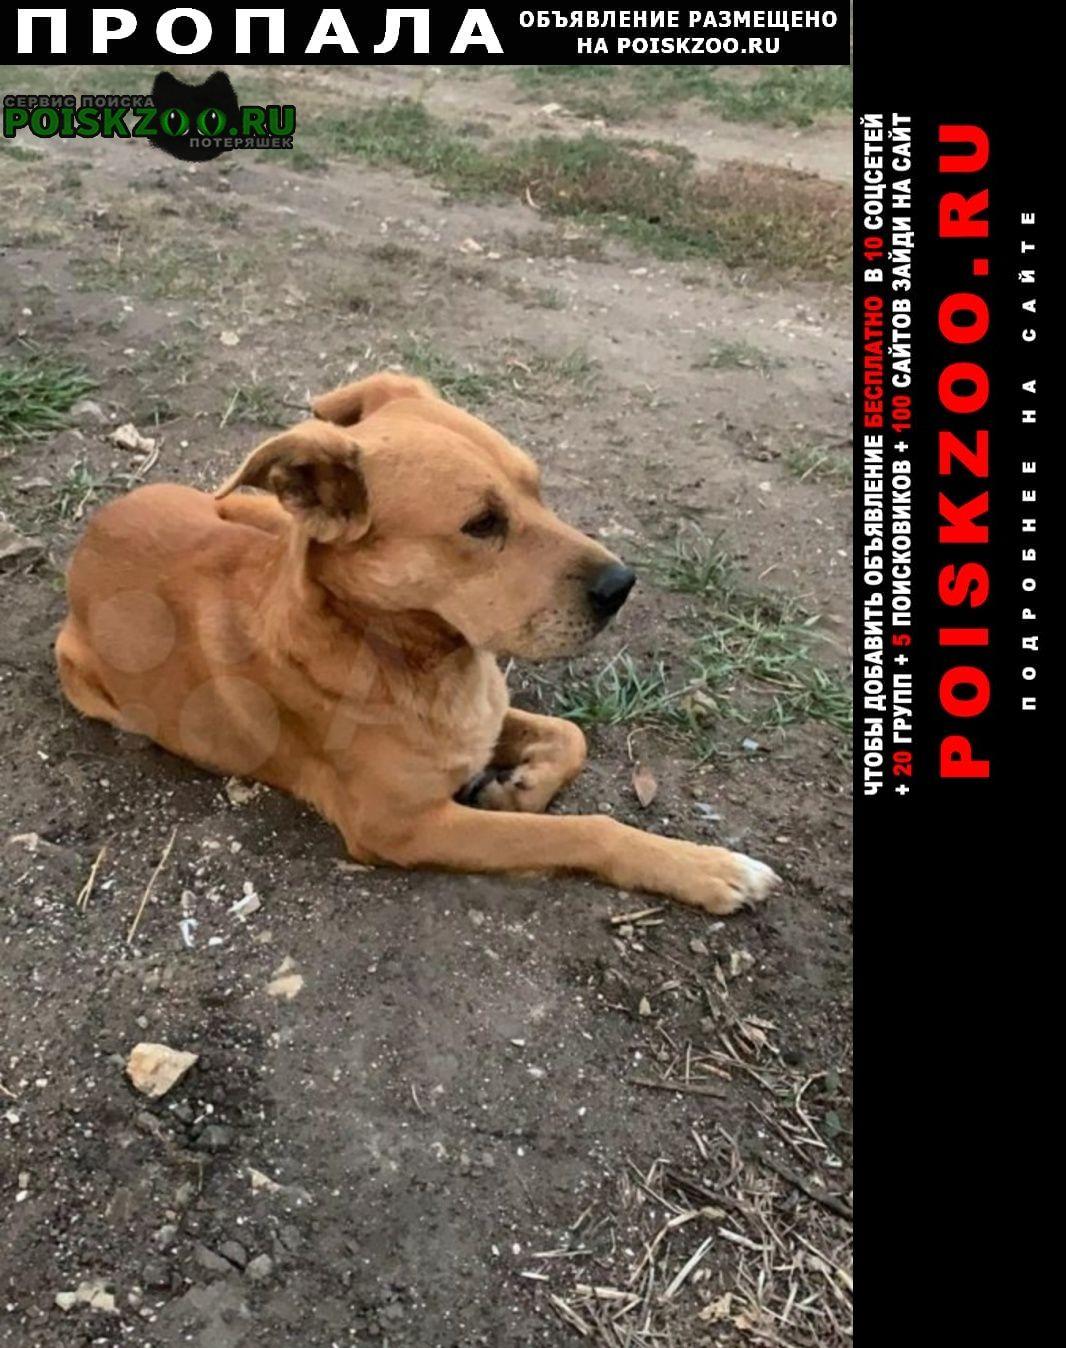 Пропала собака кобель рыжий пёс- члены семьи Липецк